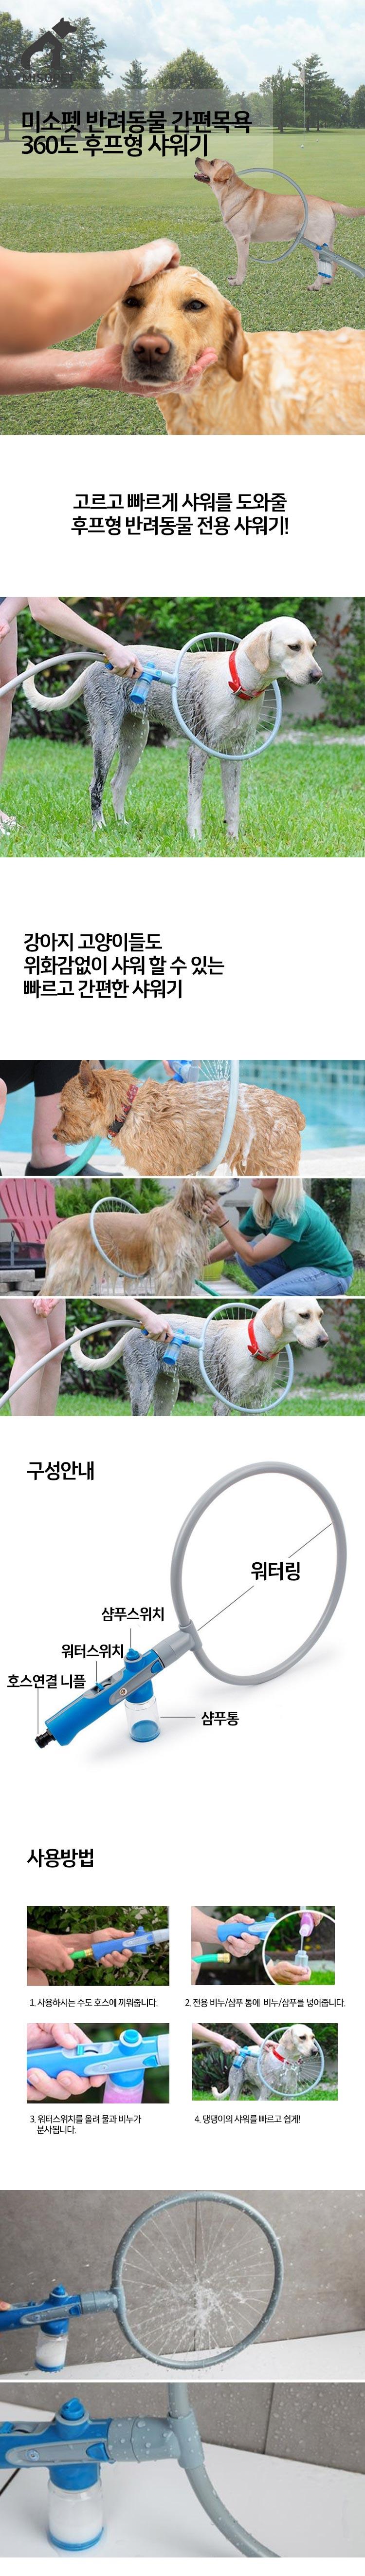 미소펫 반려동물 간편 목욕 360도 후프형 샤워기 호수 대형견 - 미소펫, 10,900원, 미용/목욕용품, 건조기/타월